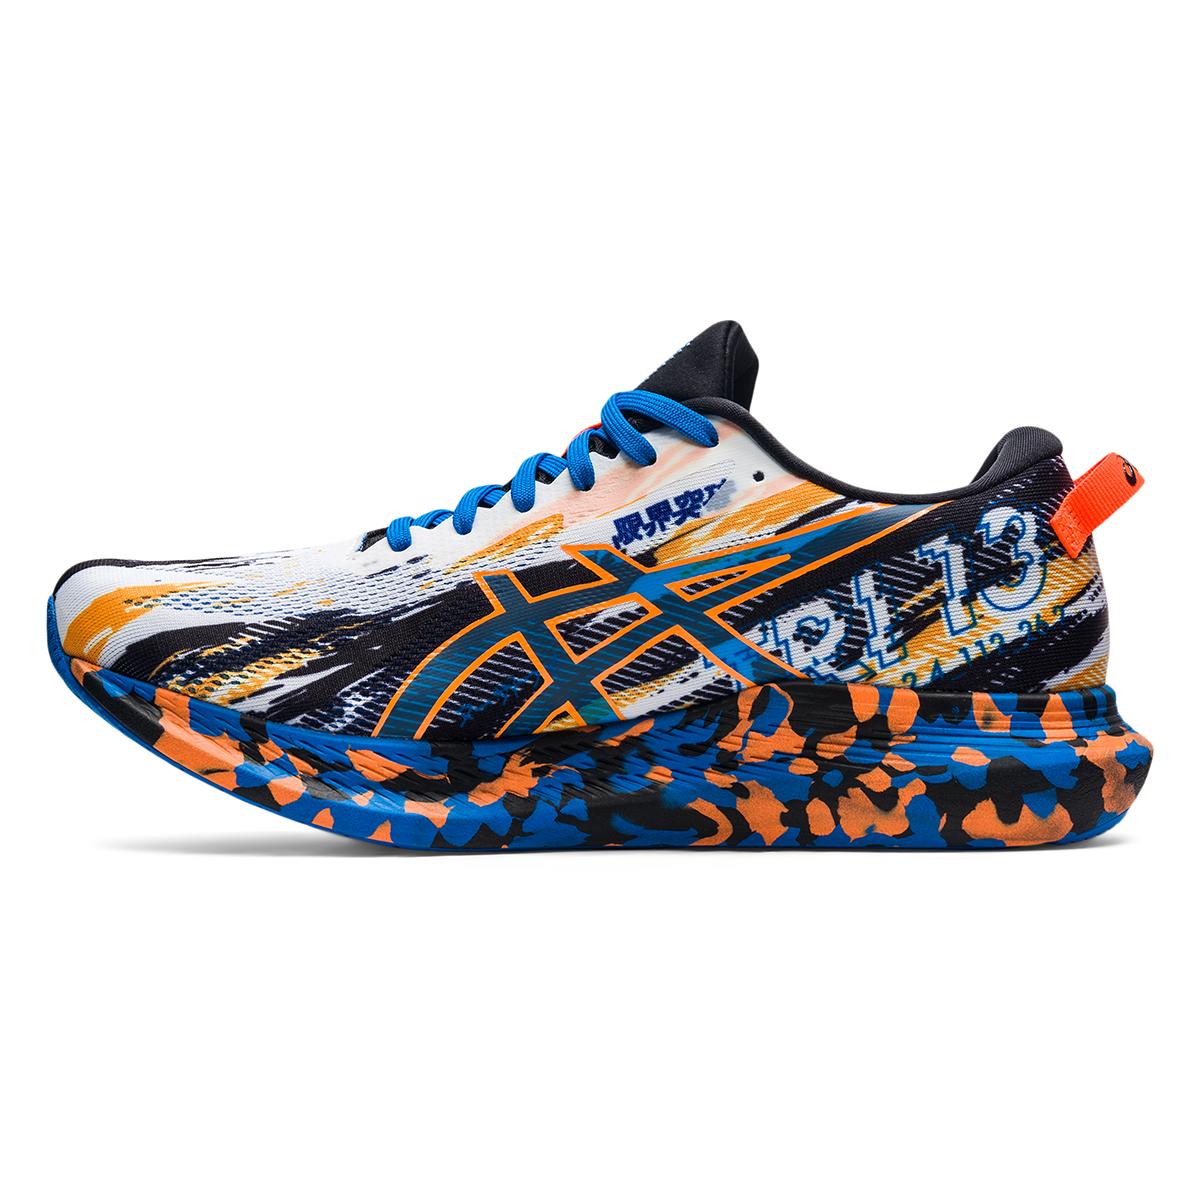 Men's Asics Noosa Tri 13 Running Shoe - Color: White/Shocking - Size: 7 - Width: Regular, White/Shocking, large, image 2